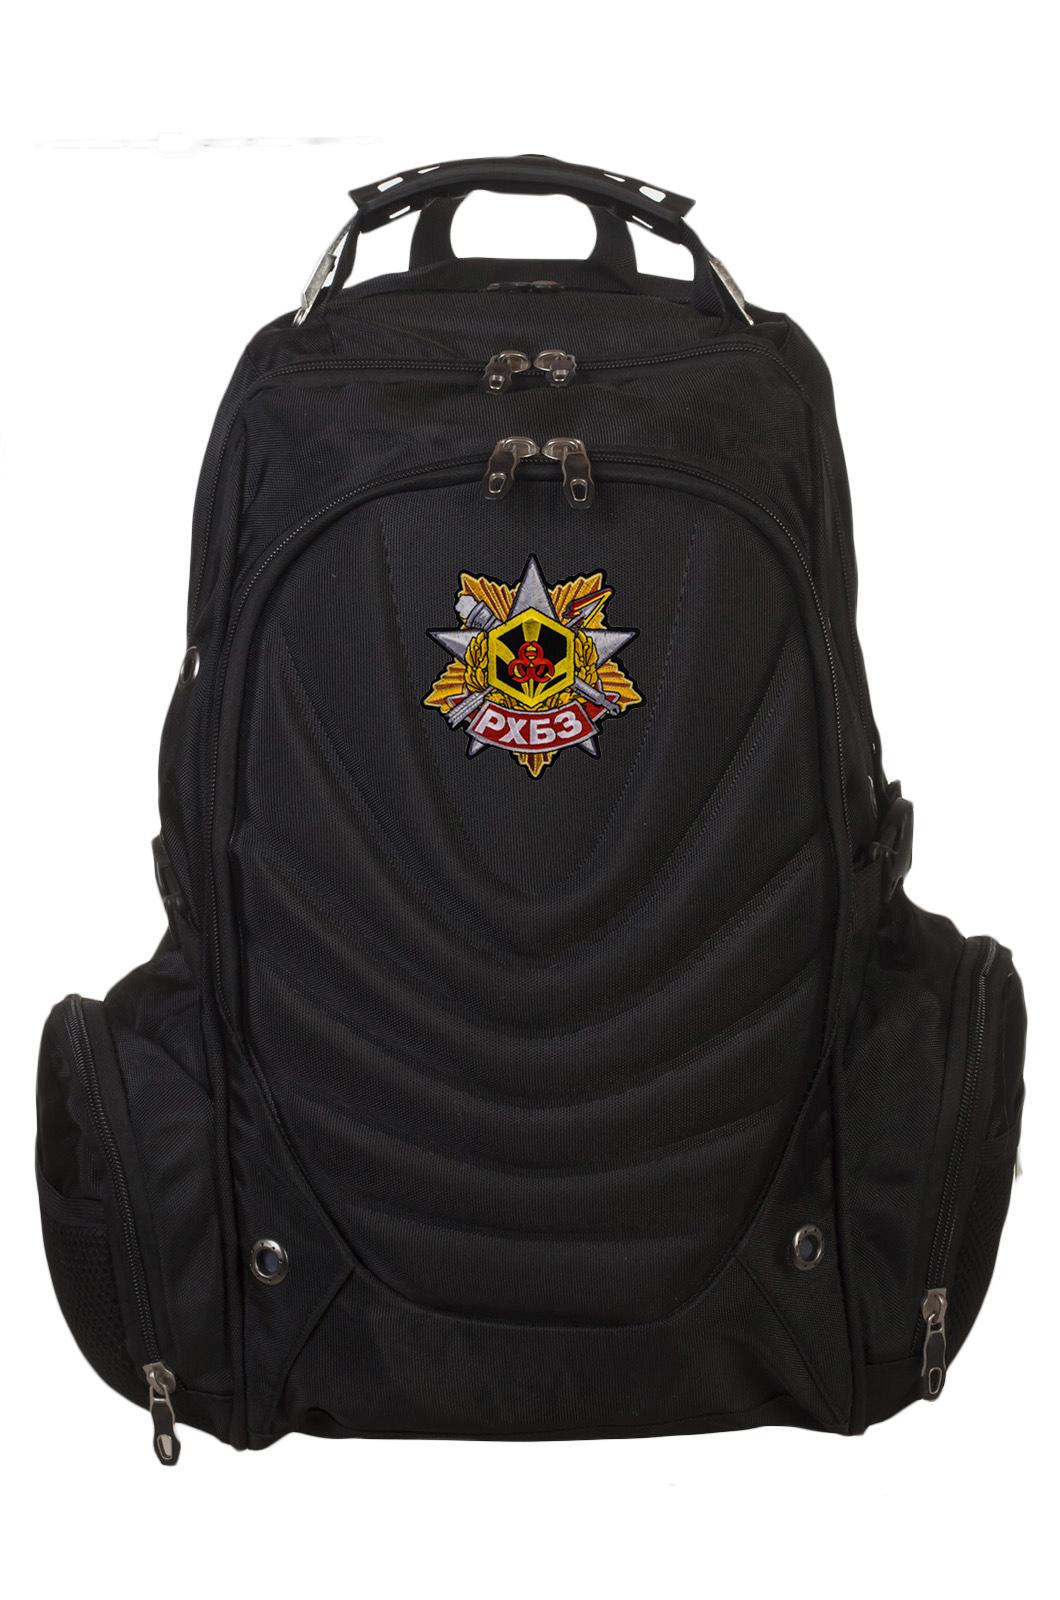 Купить черный городской рюкзак с нашивкой РХБЗ